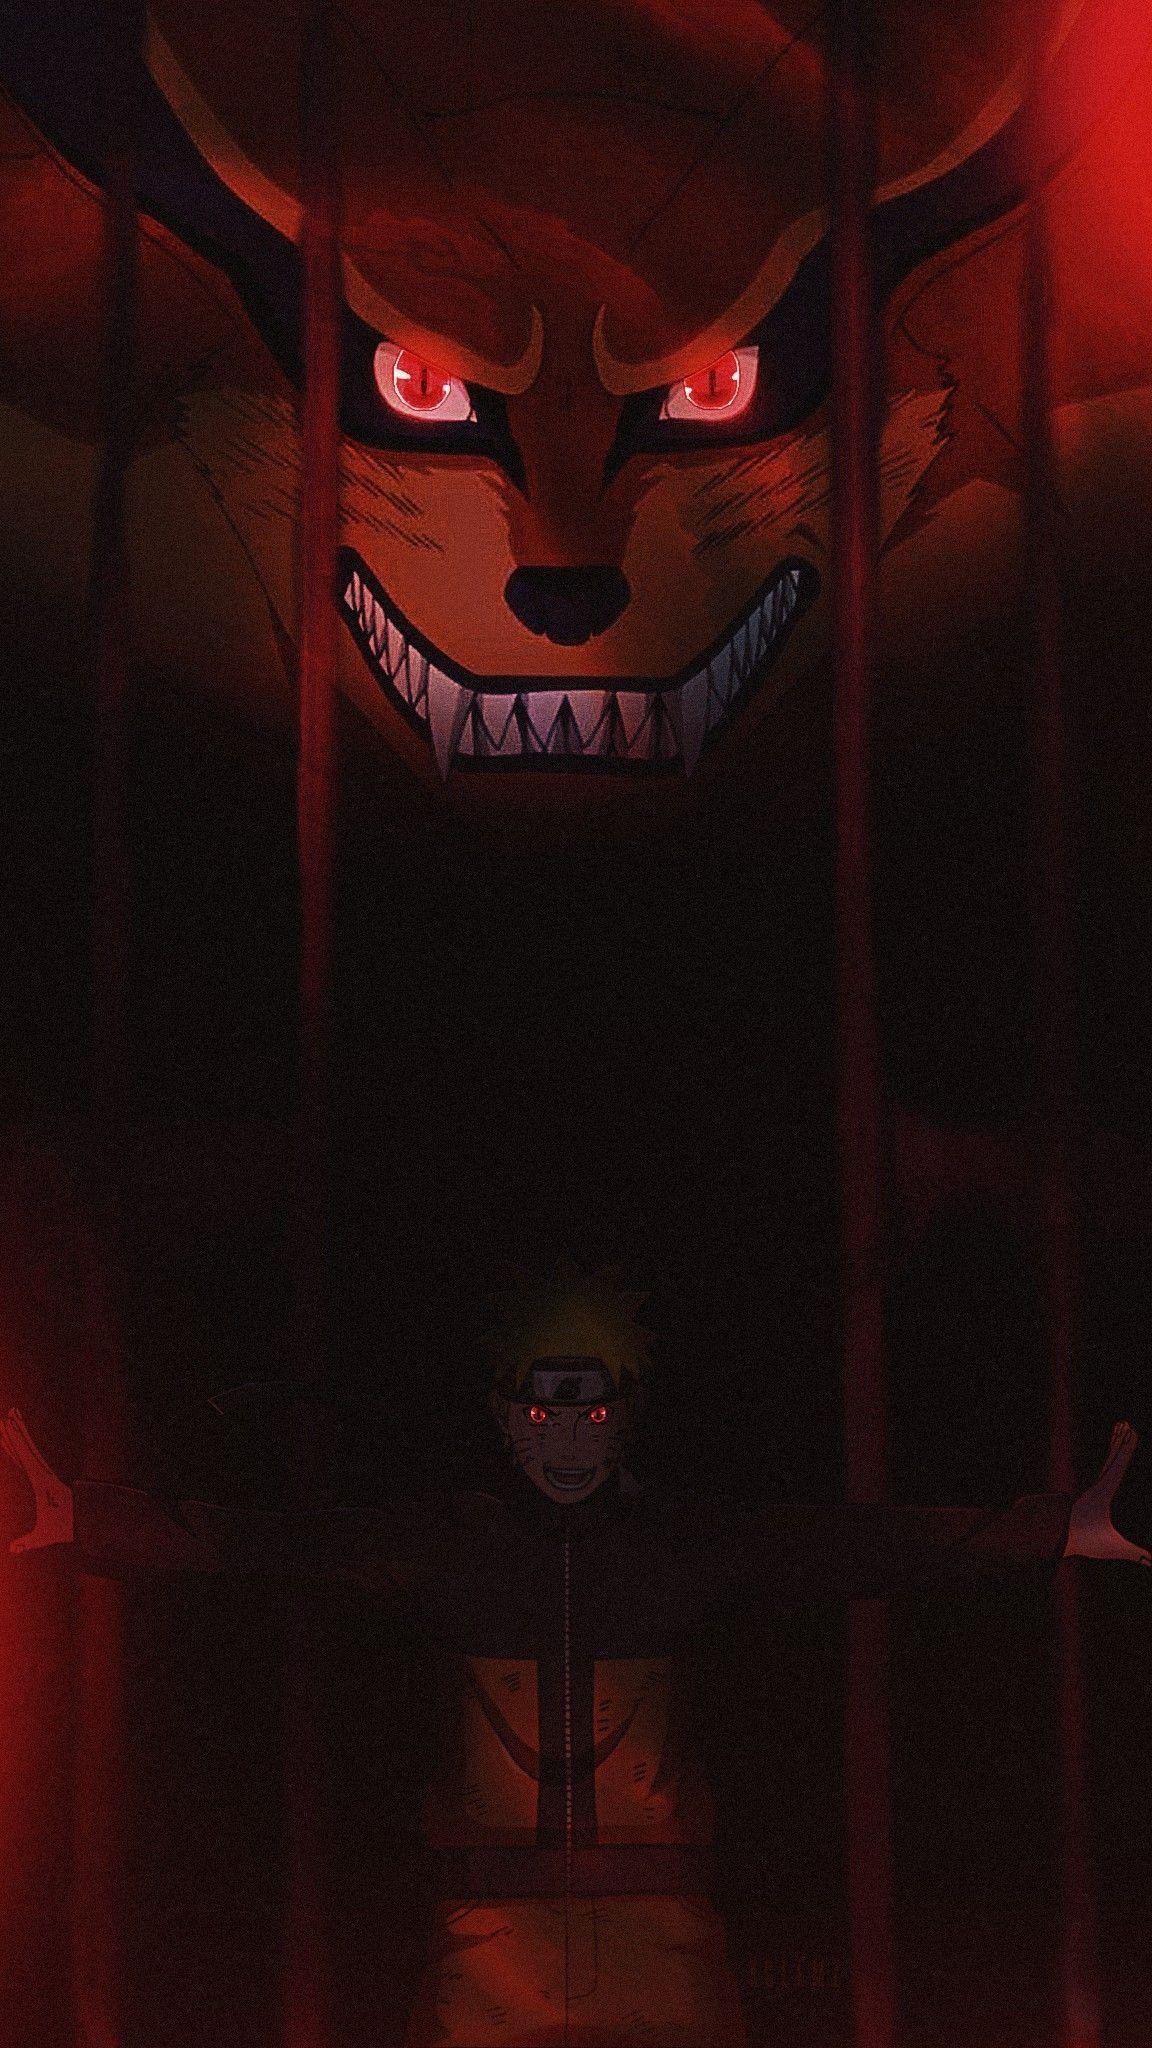 Kurama Naruto Wallpaper